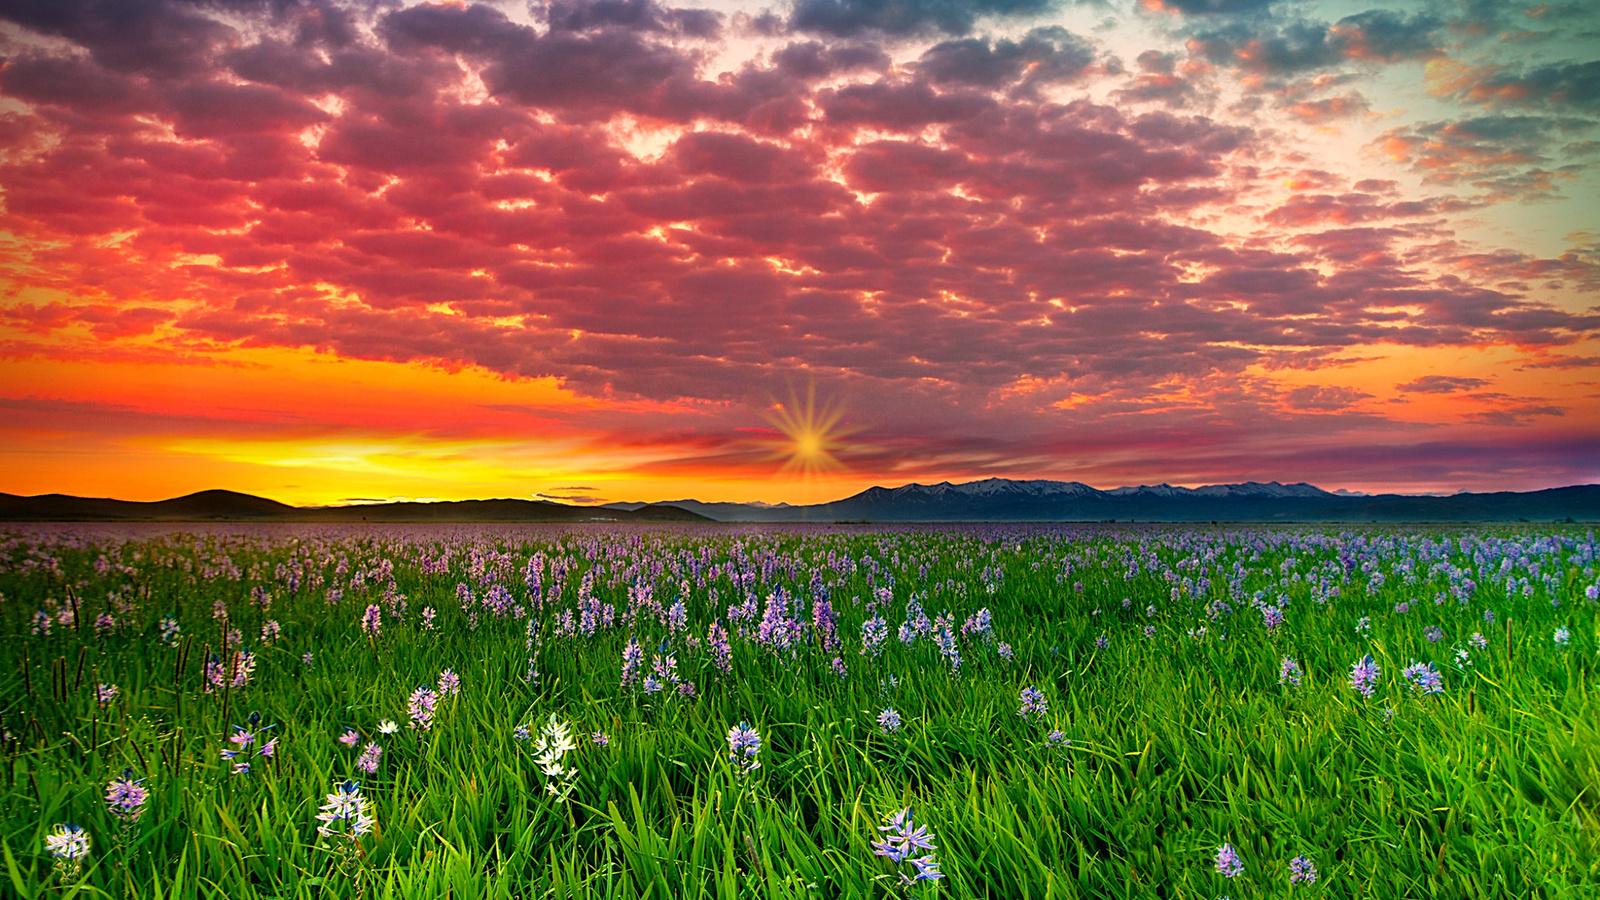 луг, трава, цветы, небо, закат, солнце, облака, горы